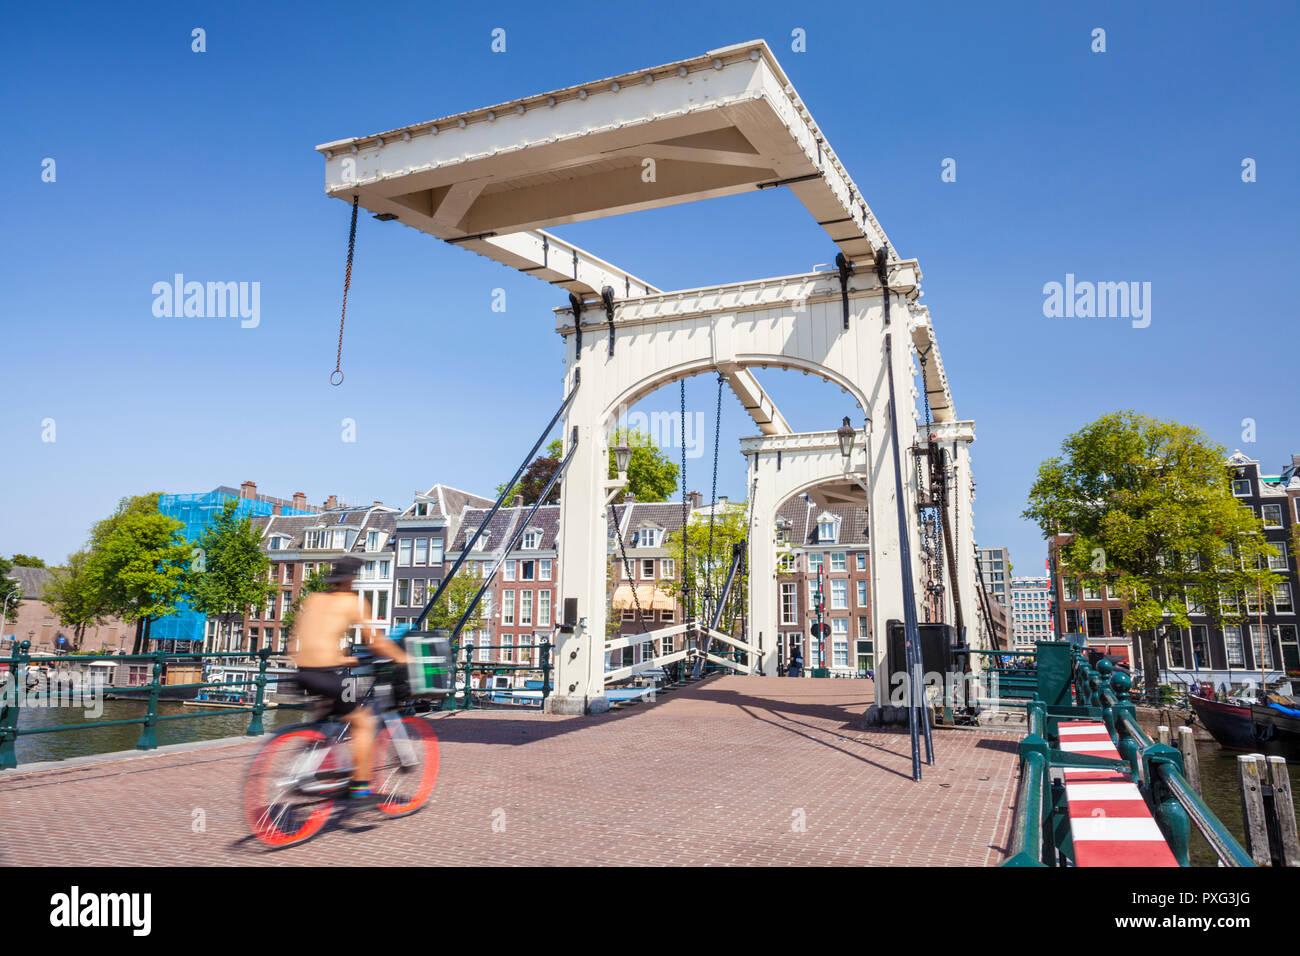 Amsterdam Magere Brug Amsterdam Amsterdam puente Skinny spanning el río Amstel mujer andar en bicicleta Amsterdam Países Bajos Holanda UE Europa Imagen De Stock